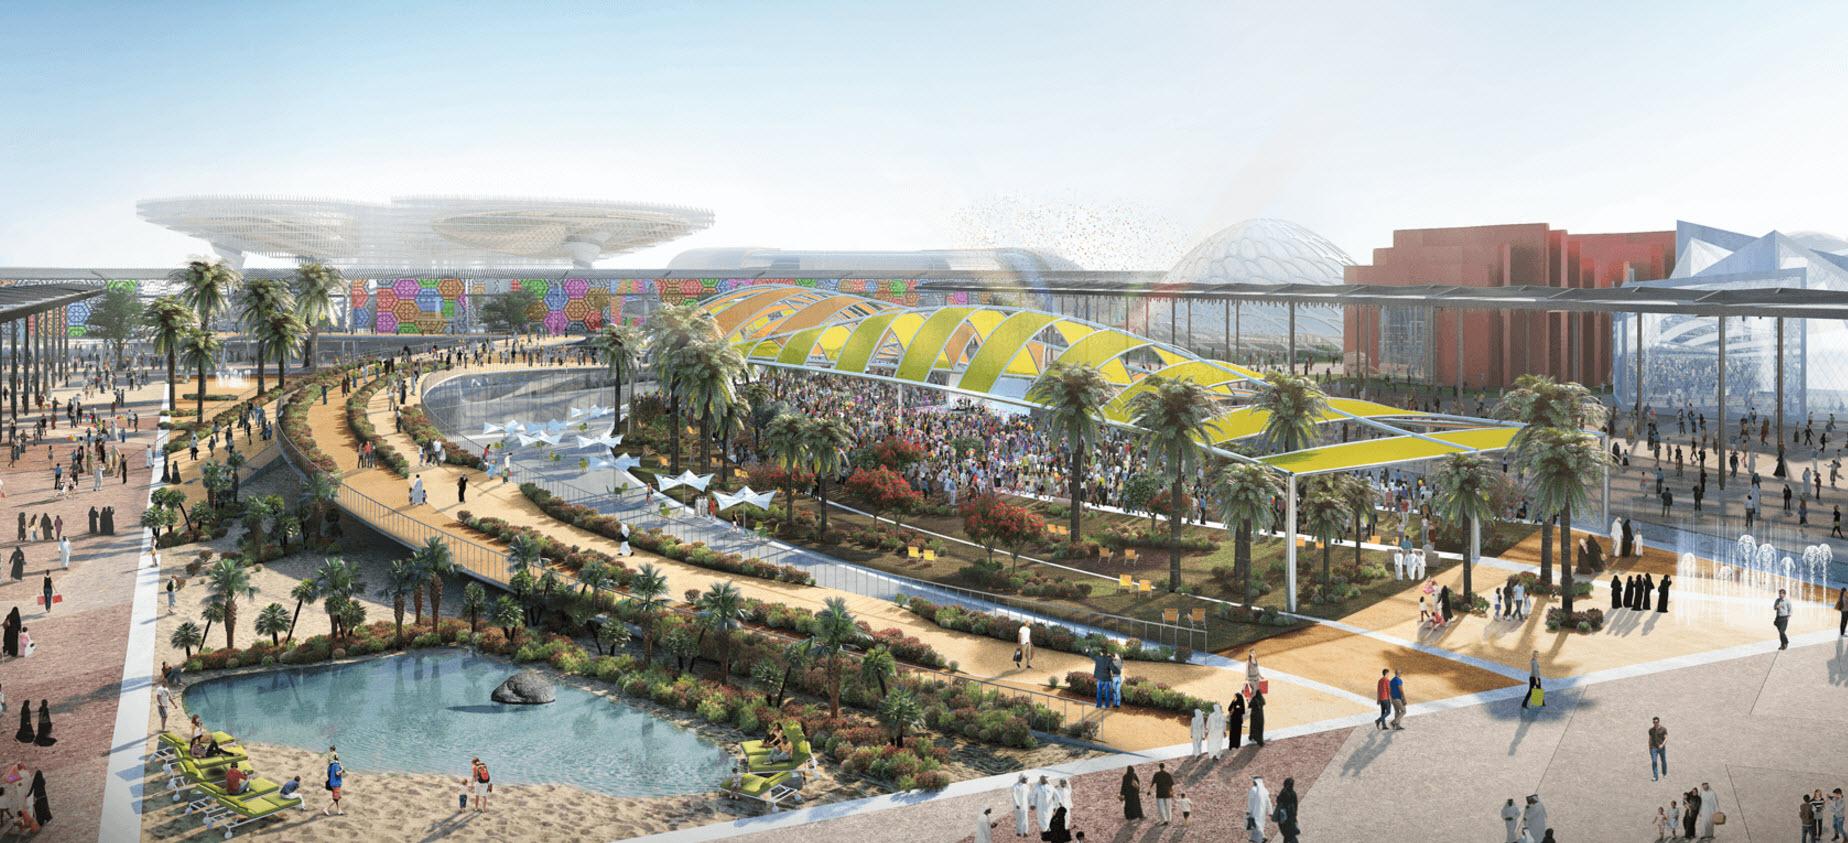 Expo 2020 Dubai Rudy Deighton